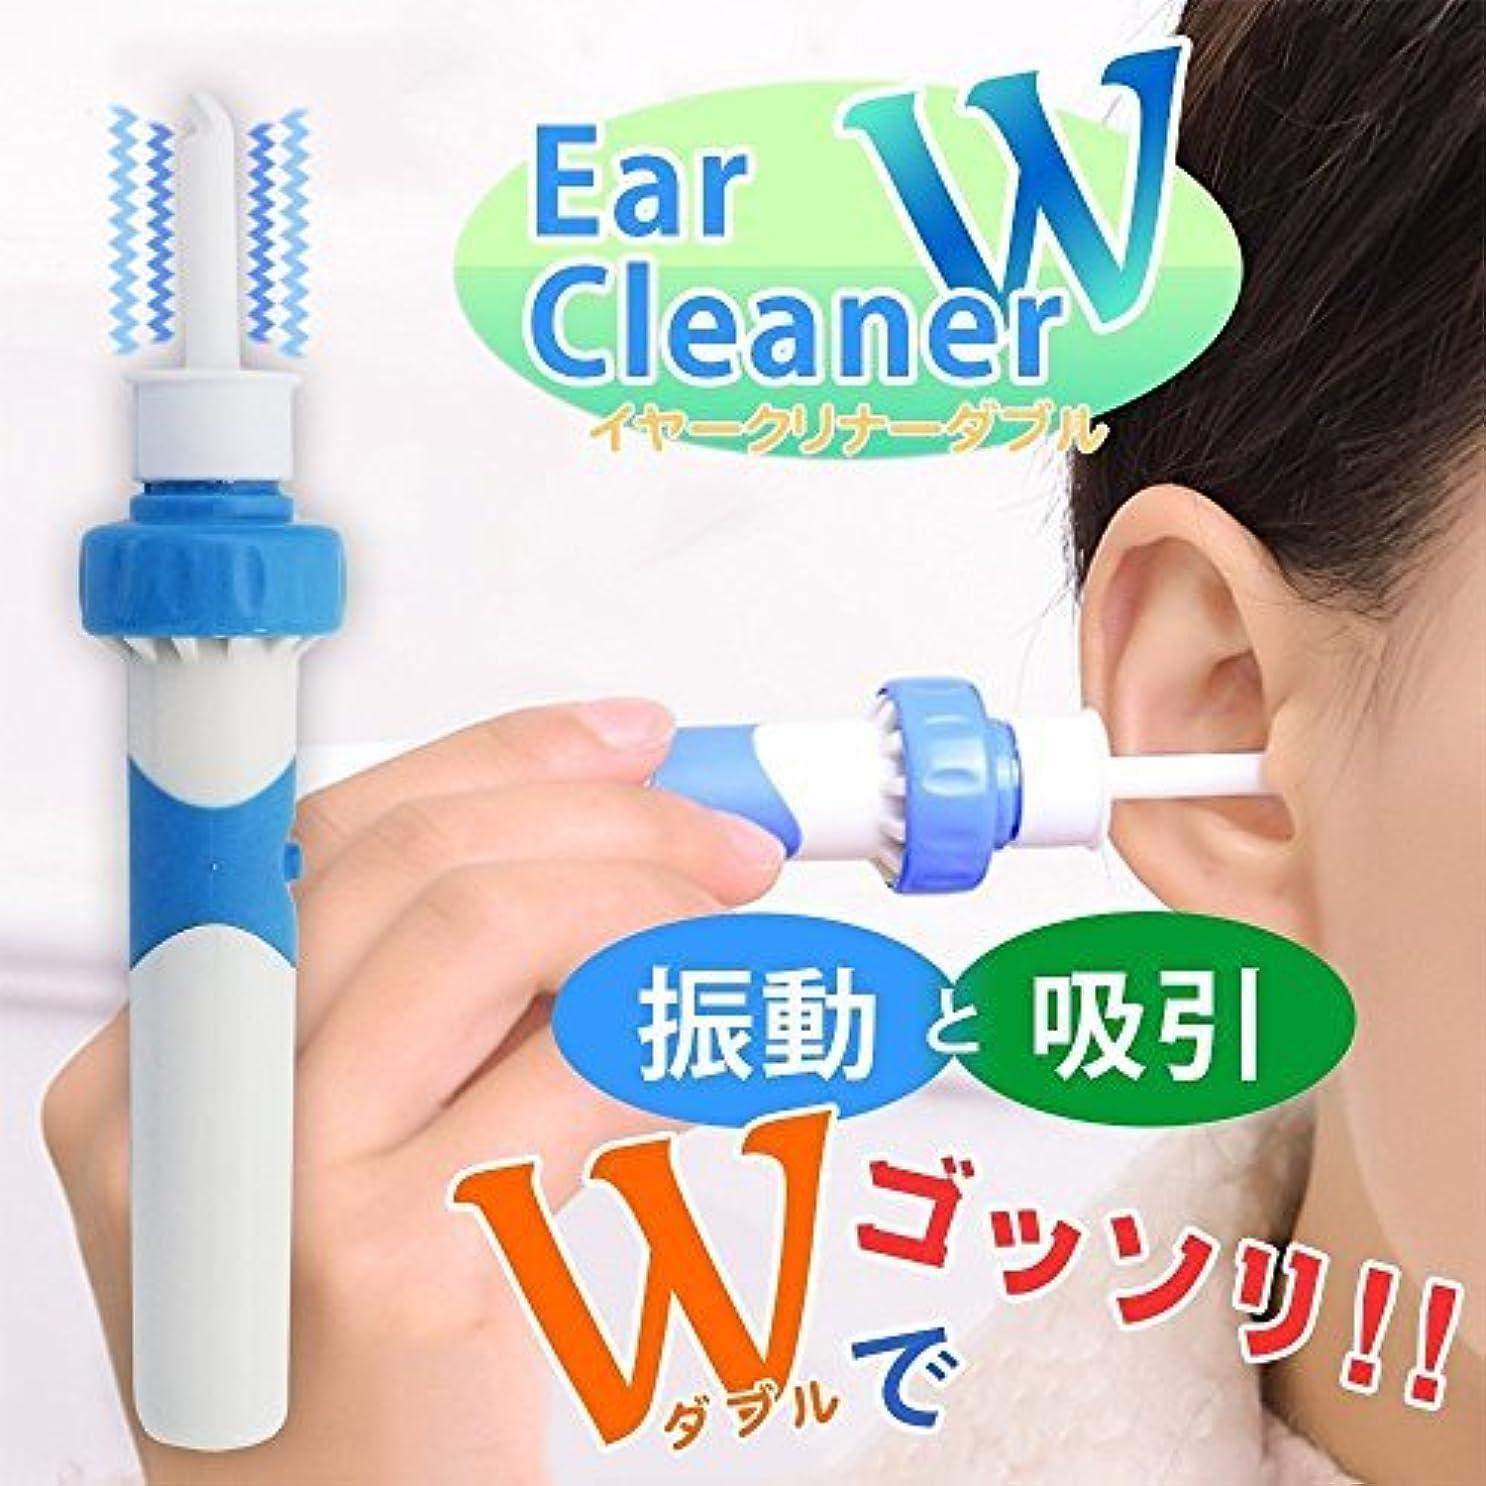 思いつく通知する襟CHUI FEN 耳掃除機 電動耳掃除 耳クリーナー 耳掃除 みみそうじ 耳垢 吸引 耳あか吸引